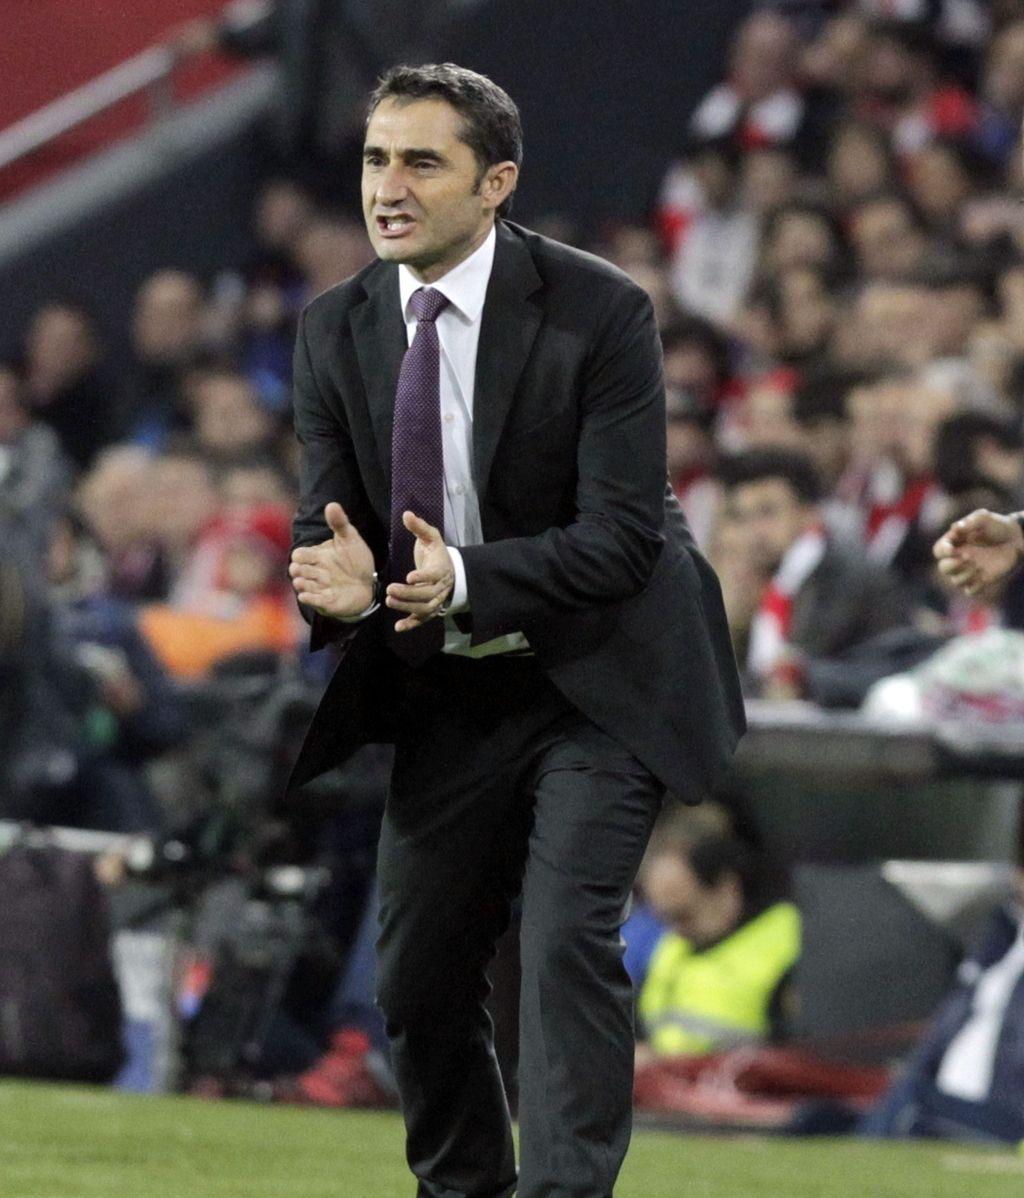 El entrenador del Athletic Club de Bilbao, Ernesto Valverde